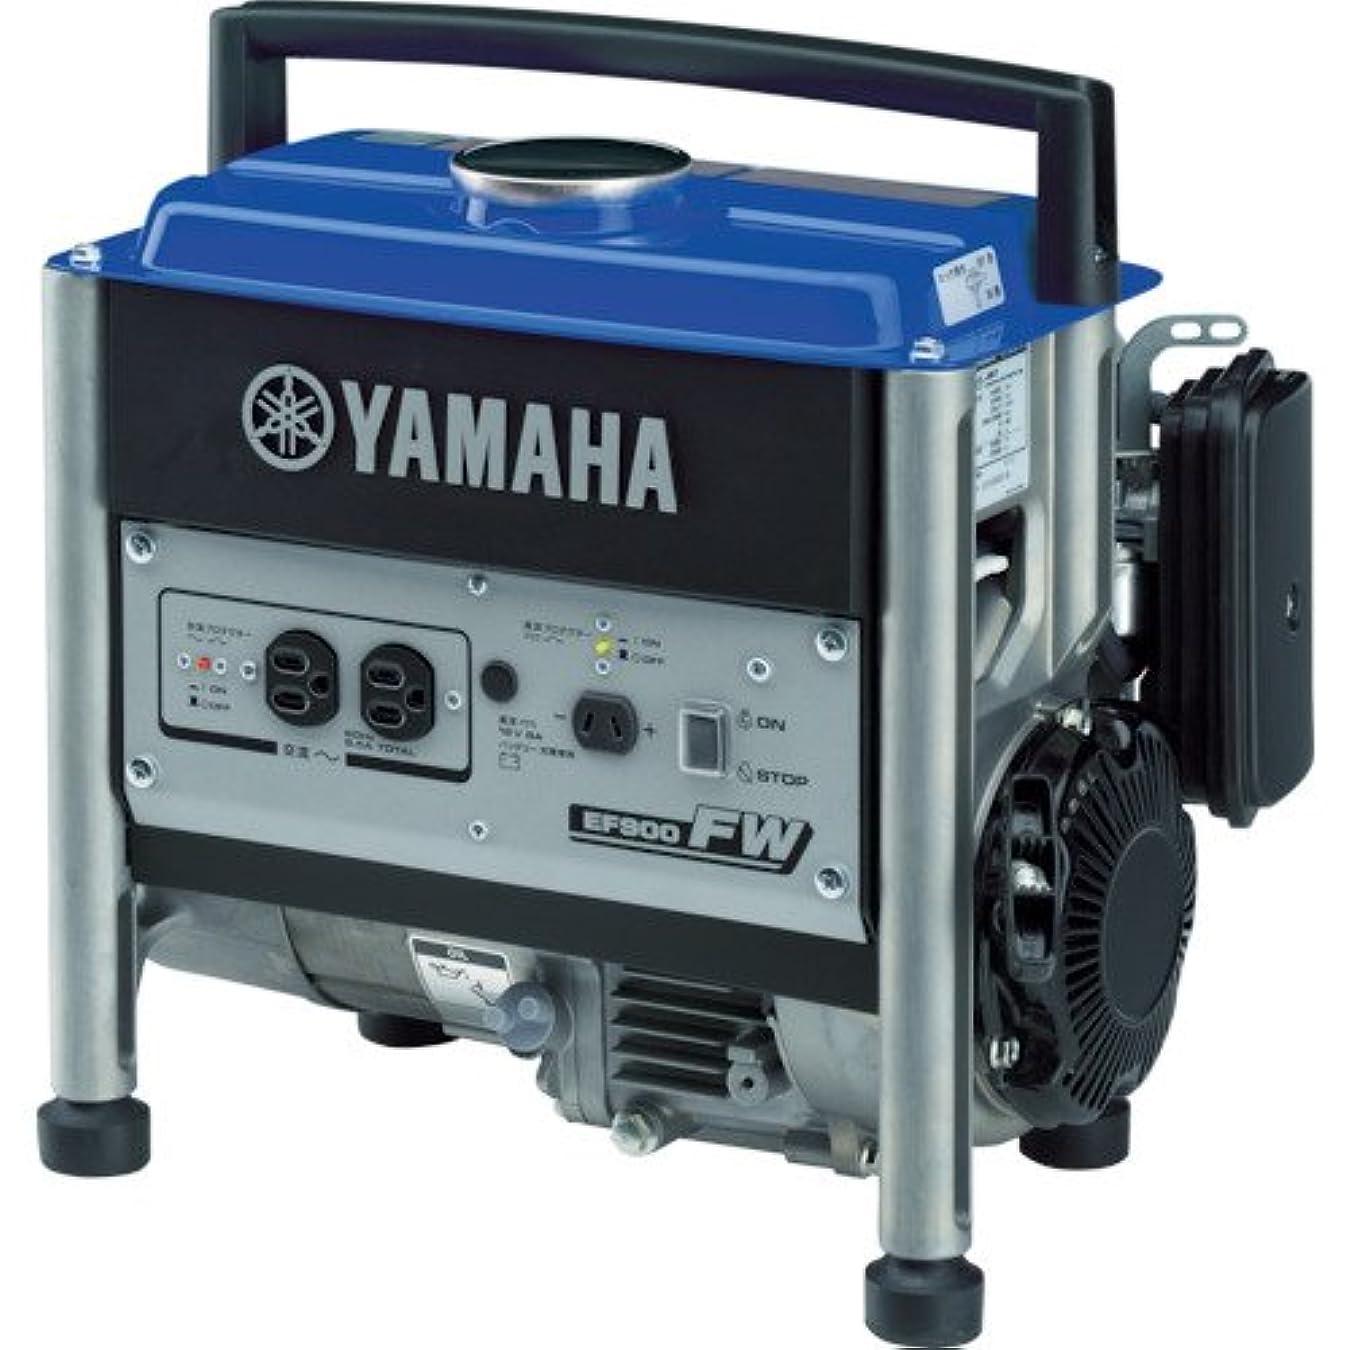 汚物ヘルパーブルームヤマハ 発電機 60HZ 西日本地域専用 EF900FW